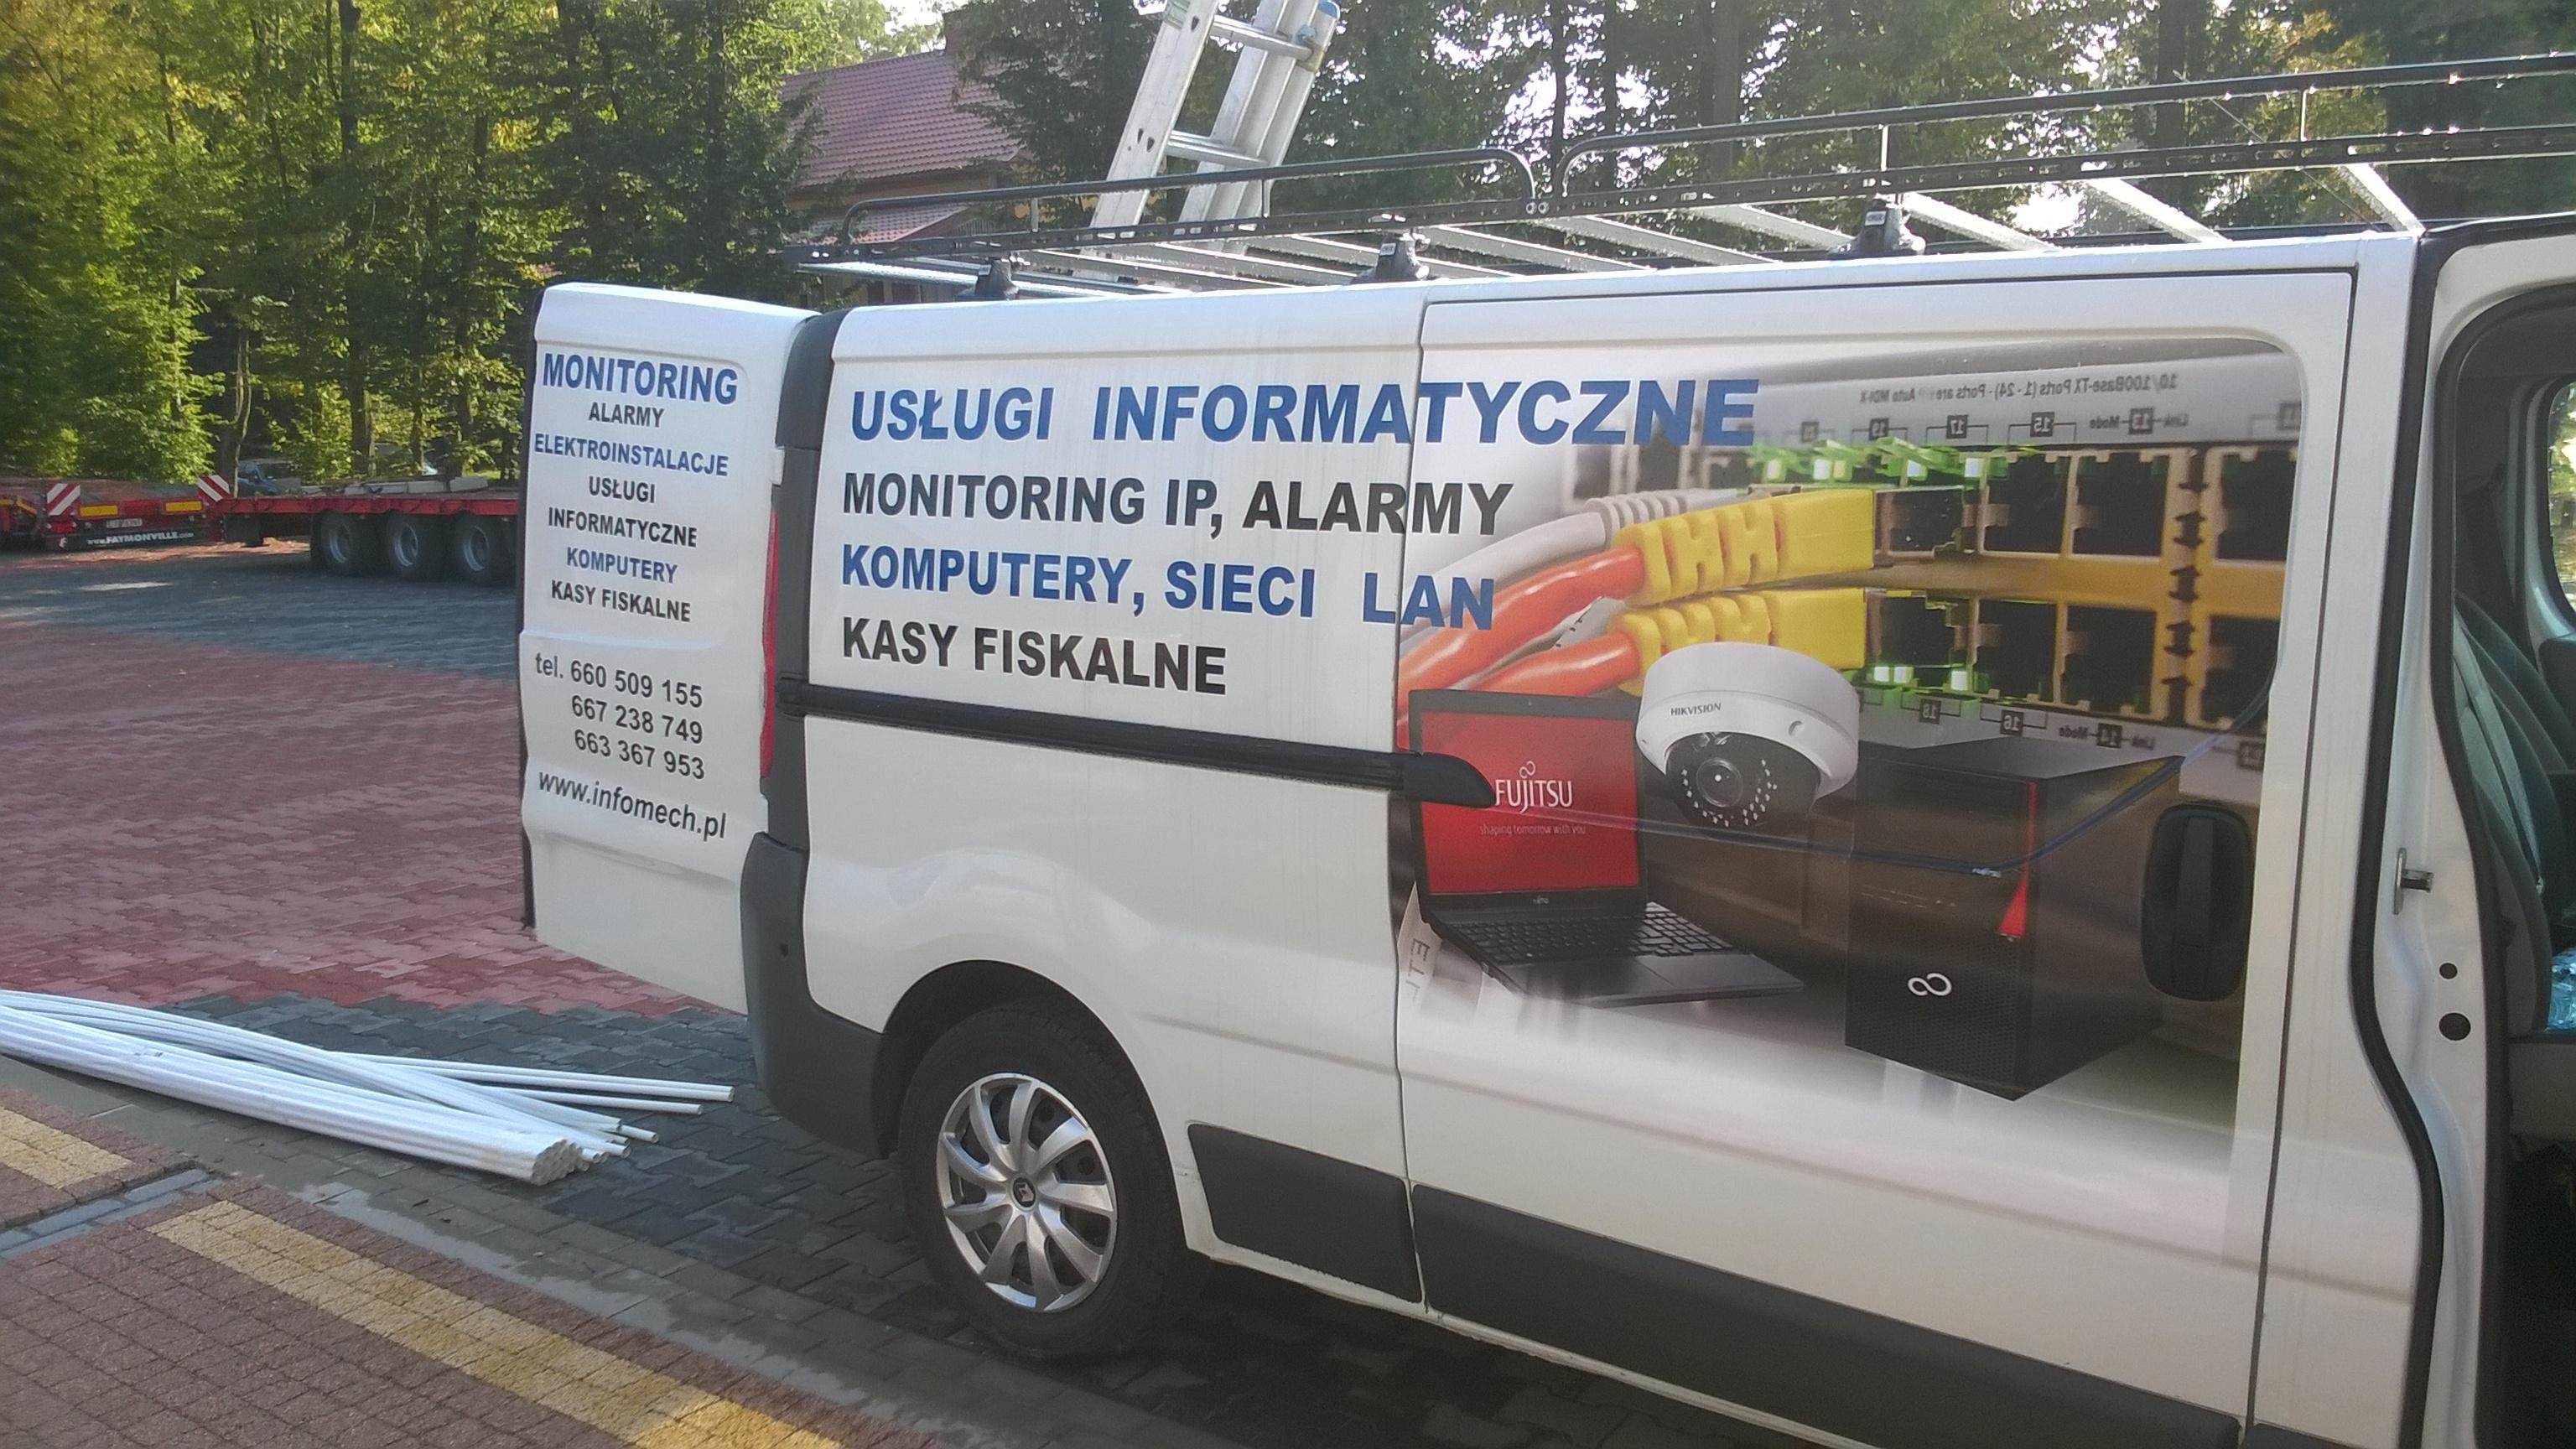 bus-techniczny-infomech-instalacje-elektryczne-i-teletechniczne-stalowa-wola-monitoring-bilgoraj-monitoring-zamosc-monitoring-stalowa-wola-infomech-mielec-alarmy-3